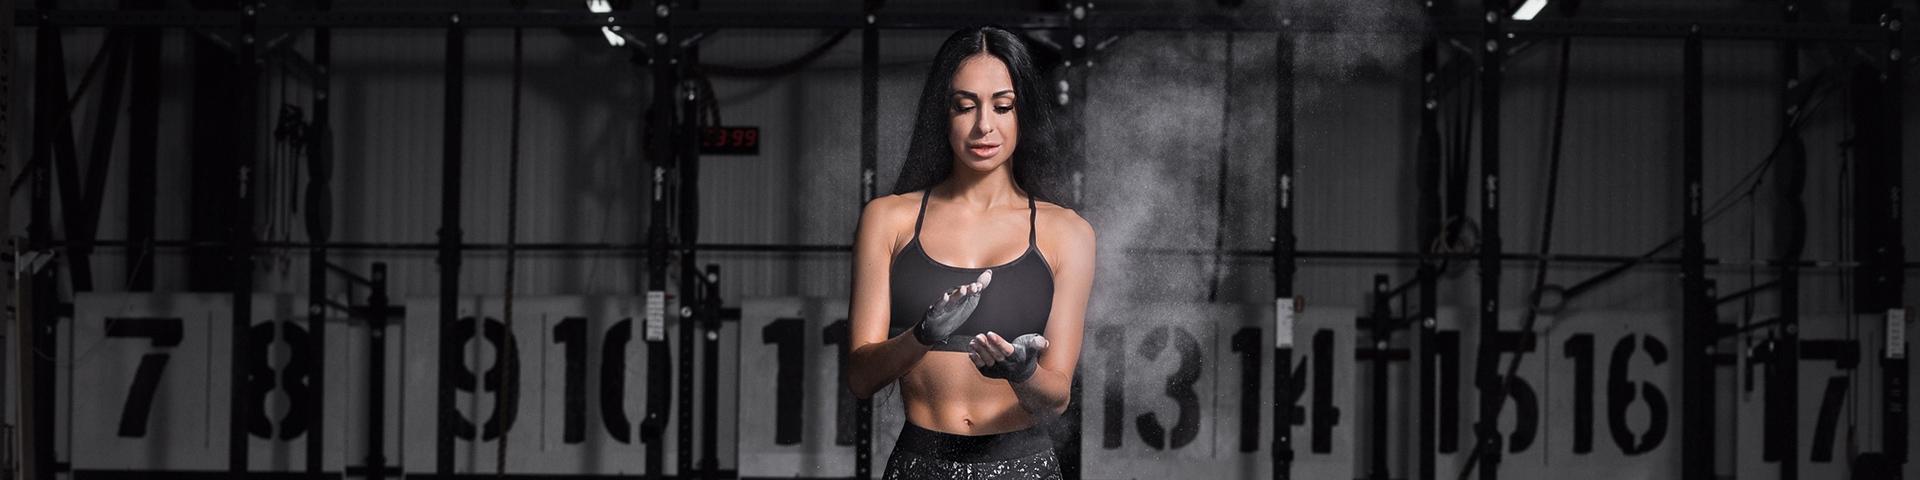 Premium Sports Nutrition, Premium Protein Powder, Pre-workout Protein Powder